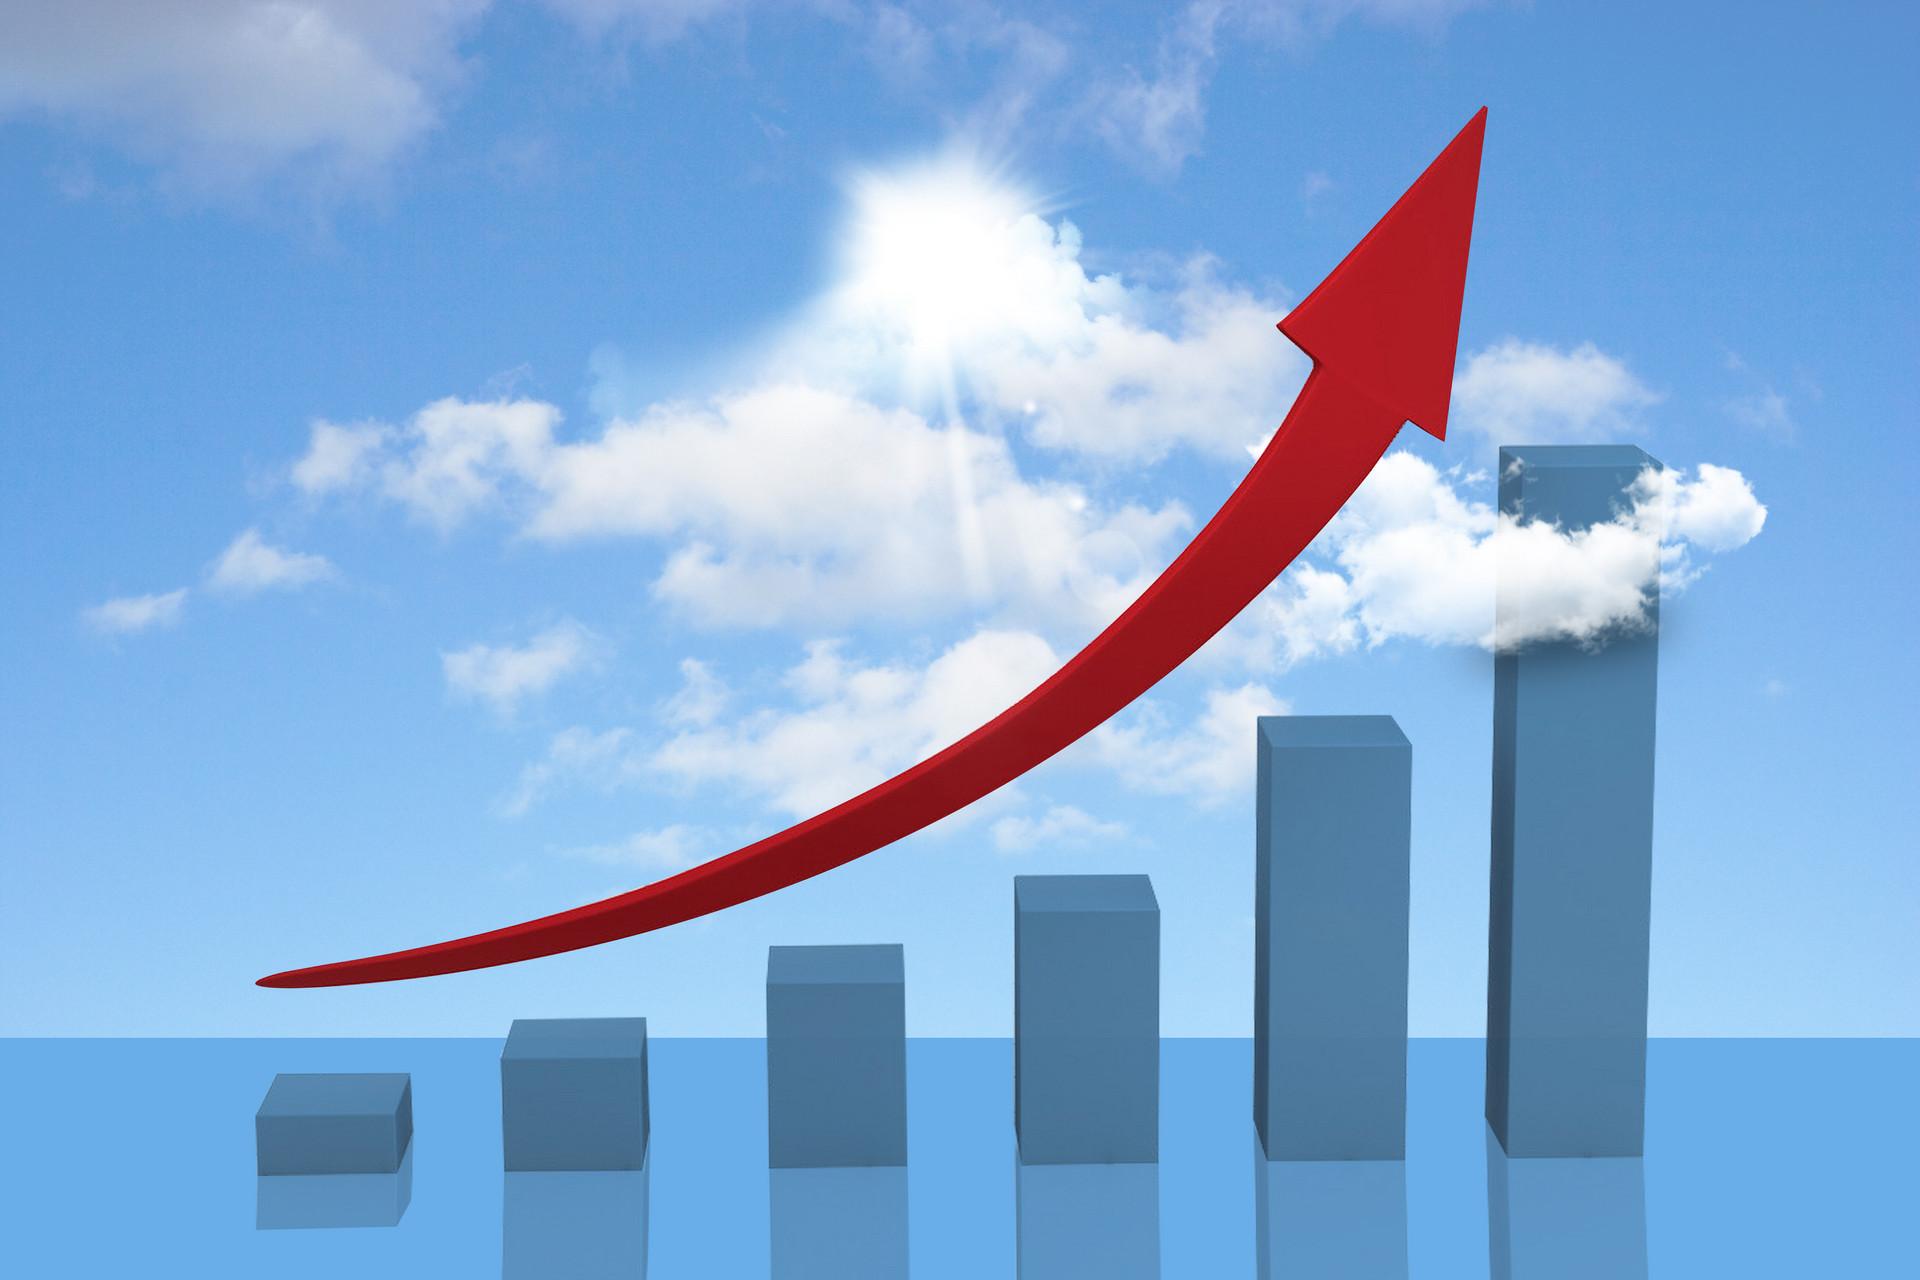 2018年新材料行业产业基地发展现状与市场前景分析 发展势头良好